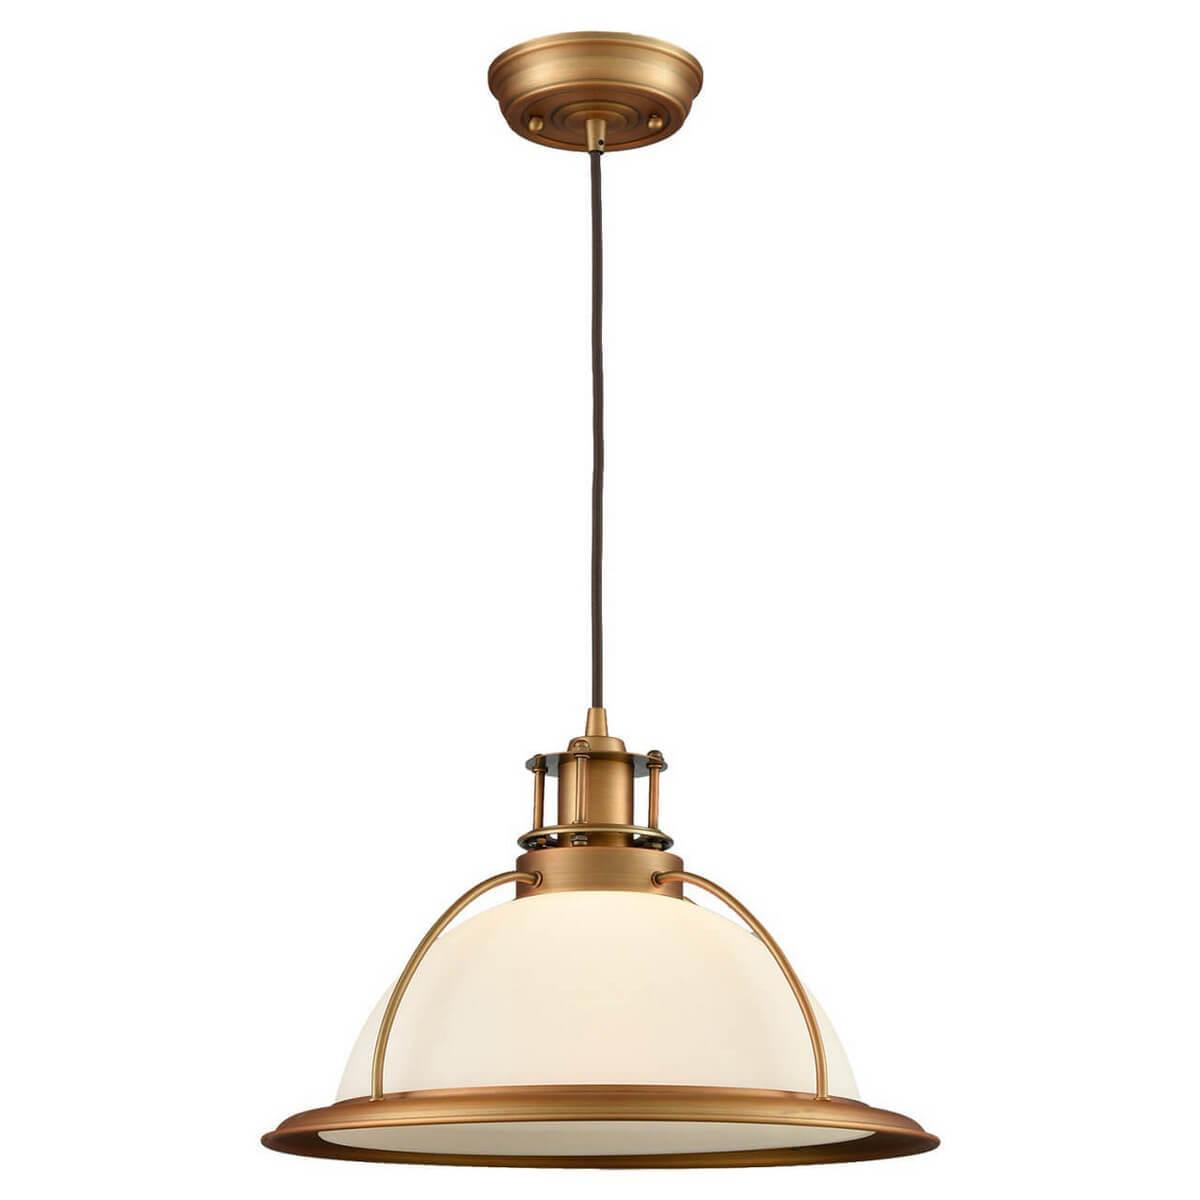 Подвесной светильник Lussole LOFT LSP-9811, E27, 60 Вт светильник lussole loft lsp 9811 lsp 9811